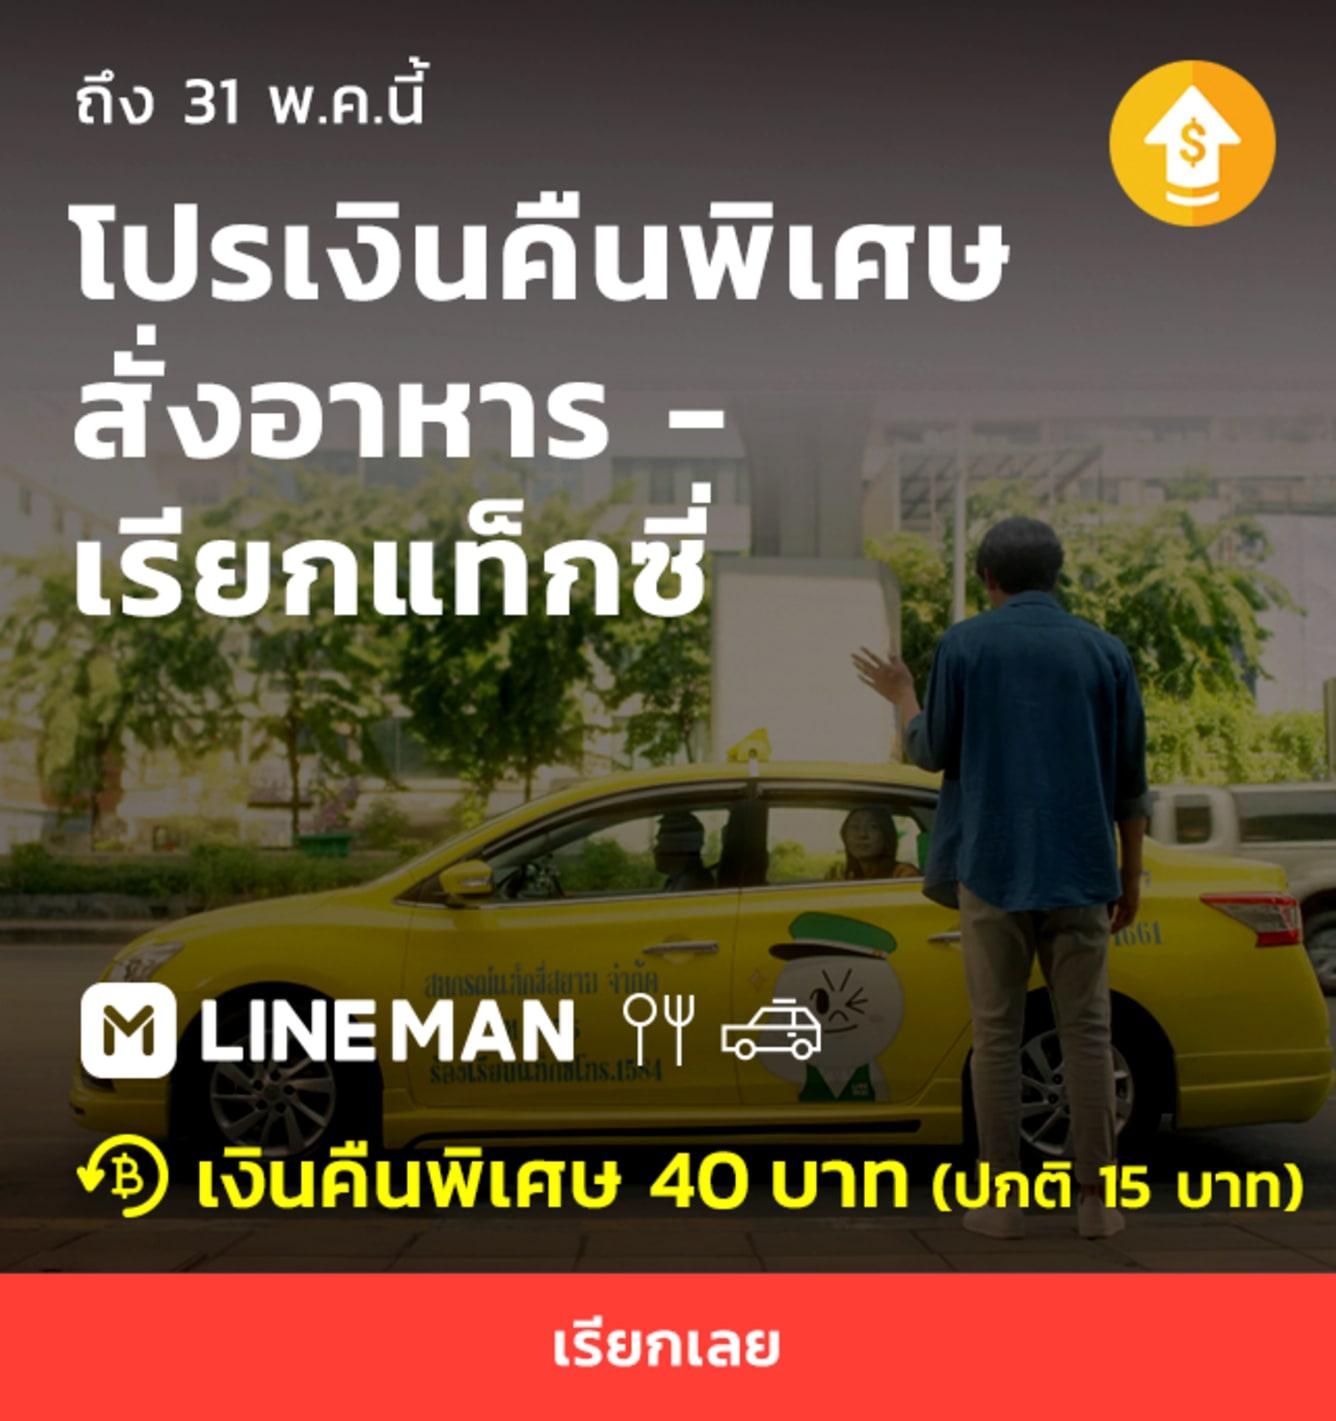 Line Man Taxi Launch APR Upsize